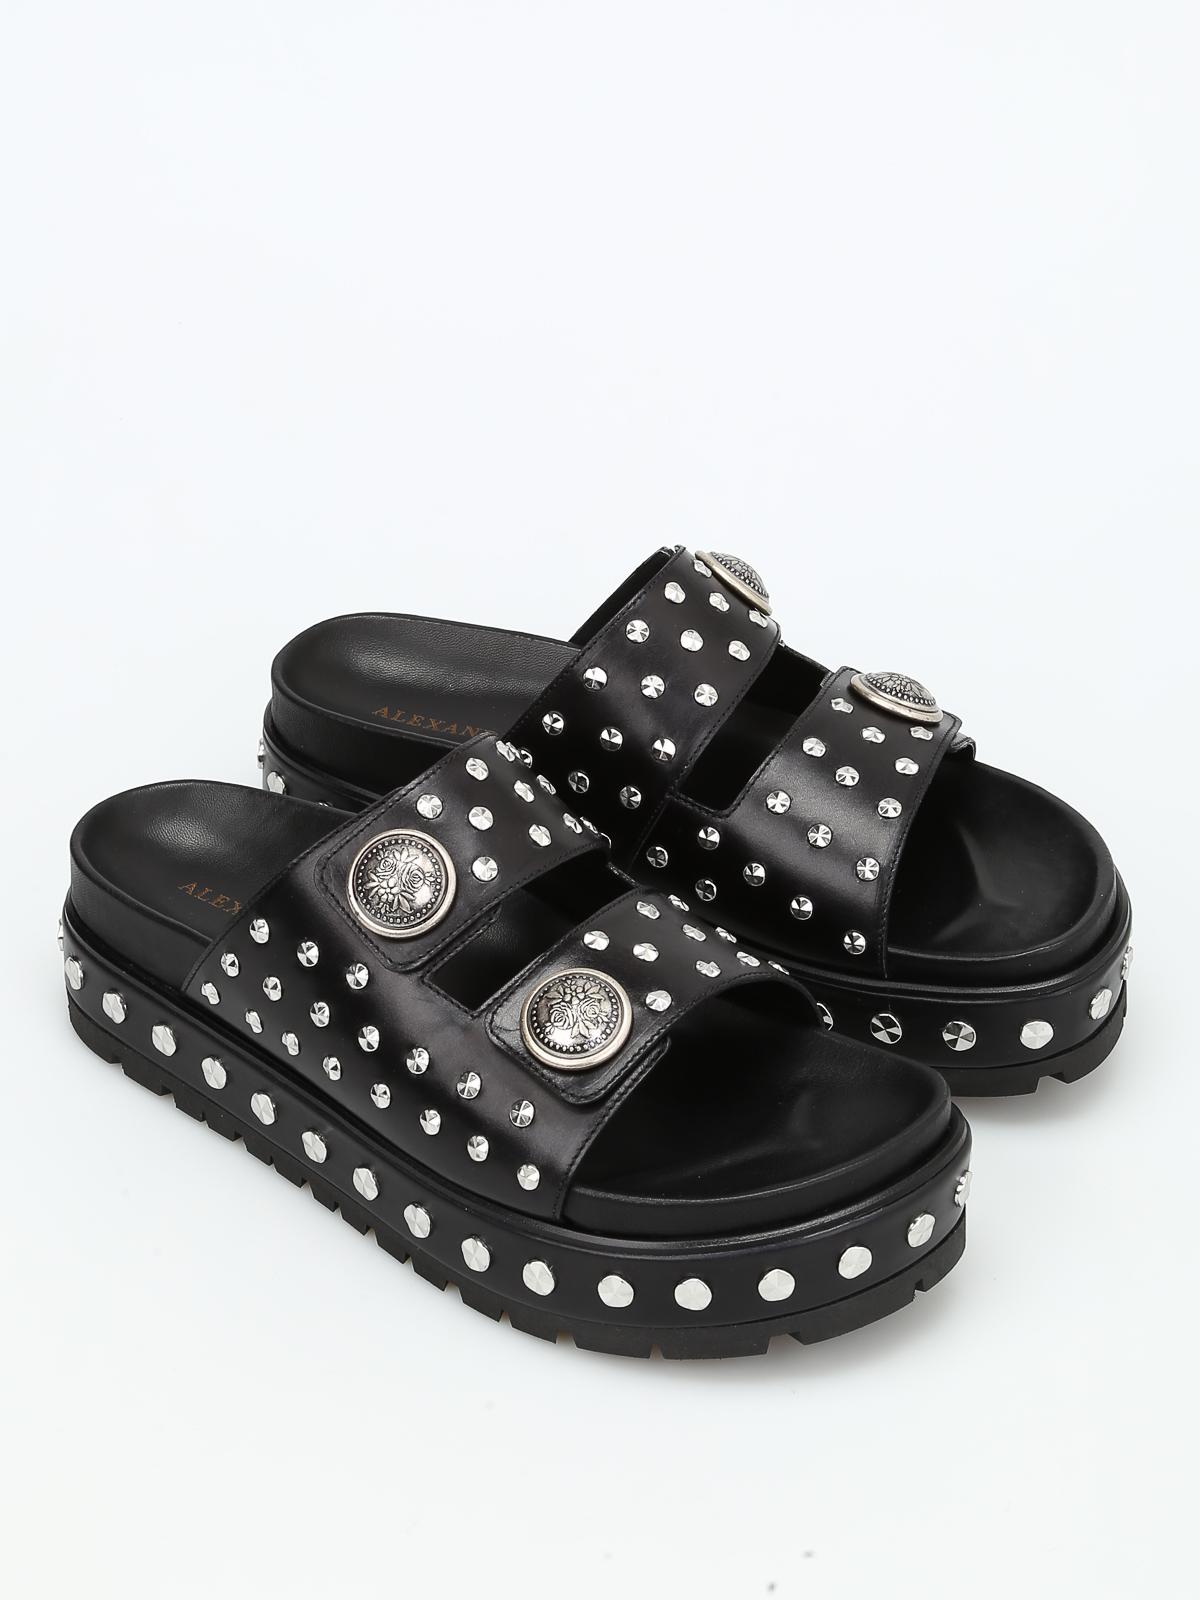 Goya studded leather slide sandals